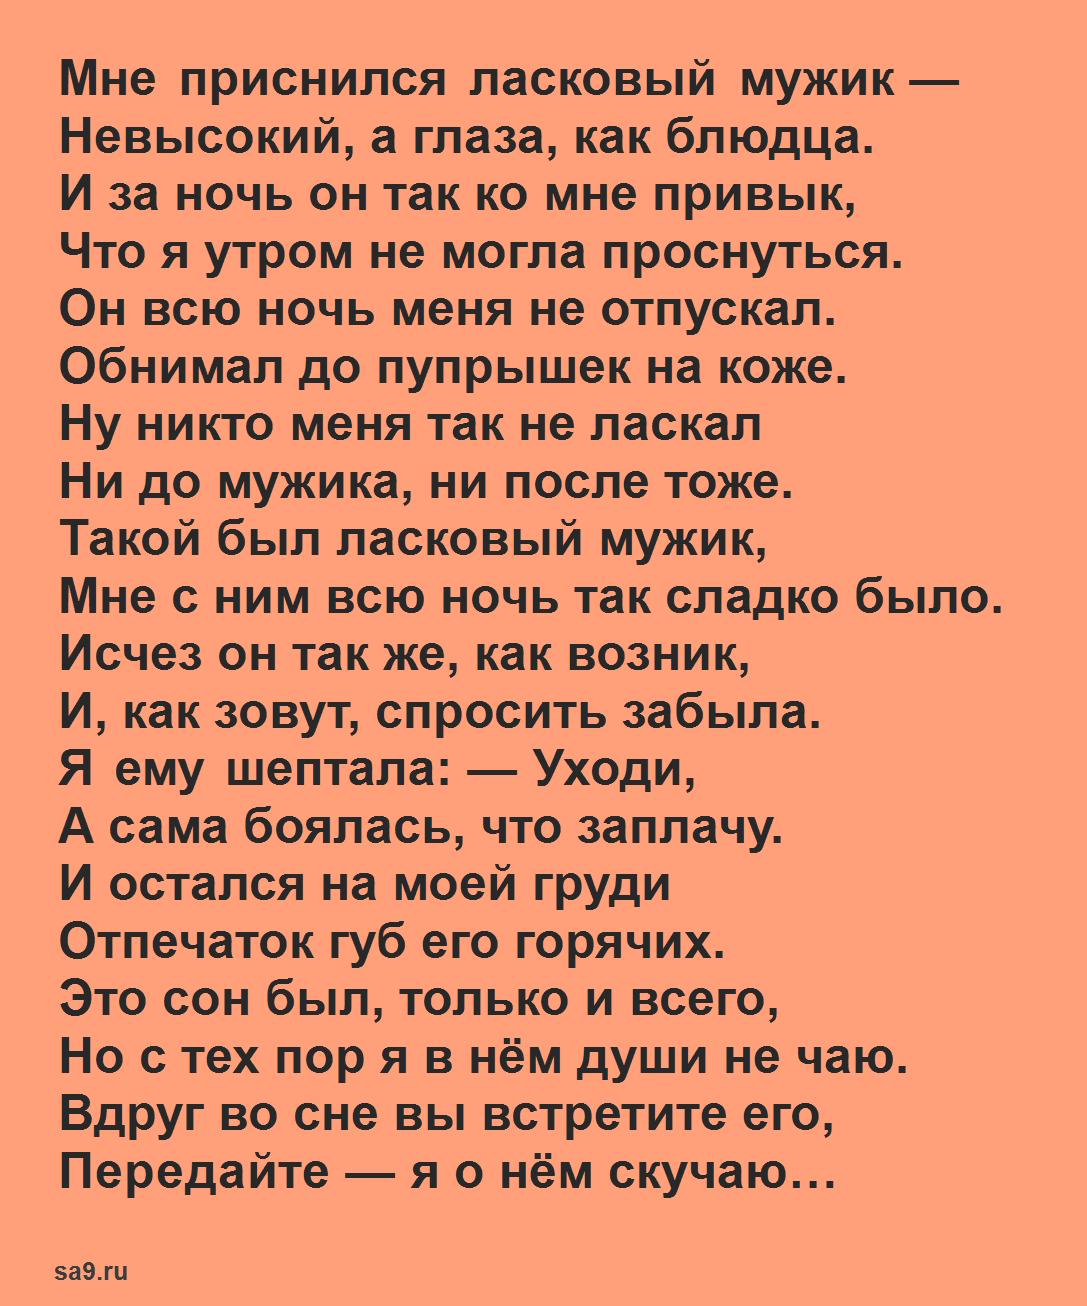 Стихи Рубальской о женщине с юмором - Мне приснился ласковый мужик